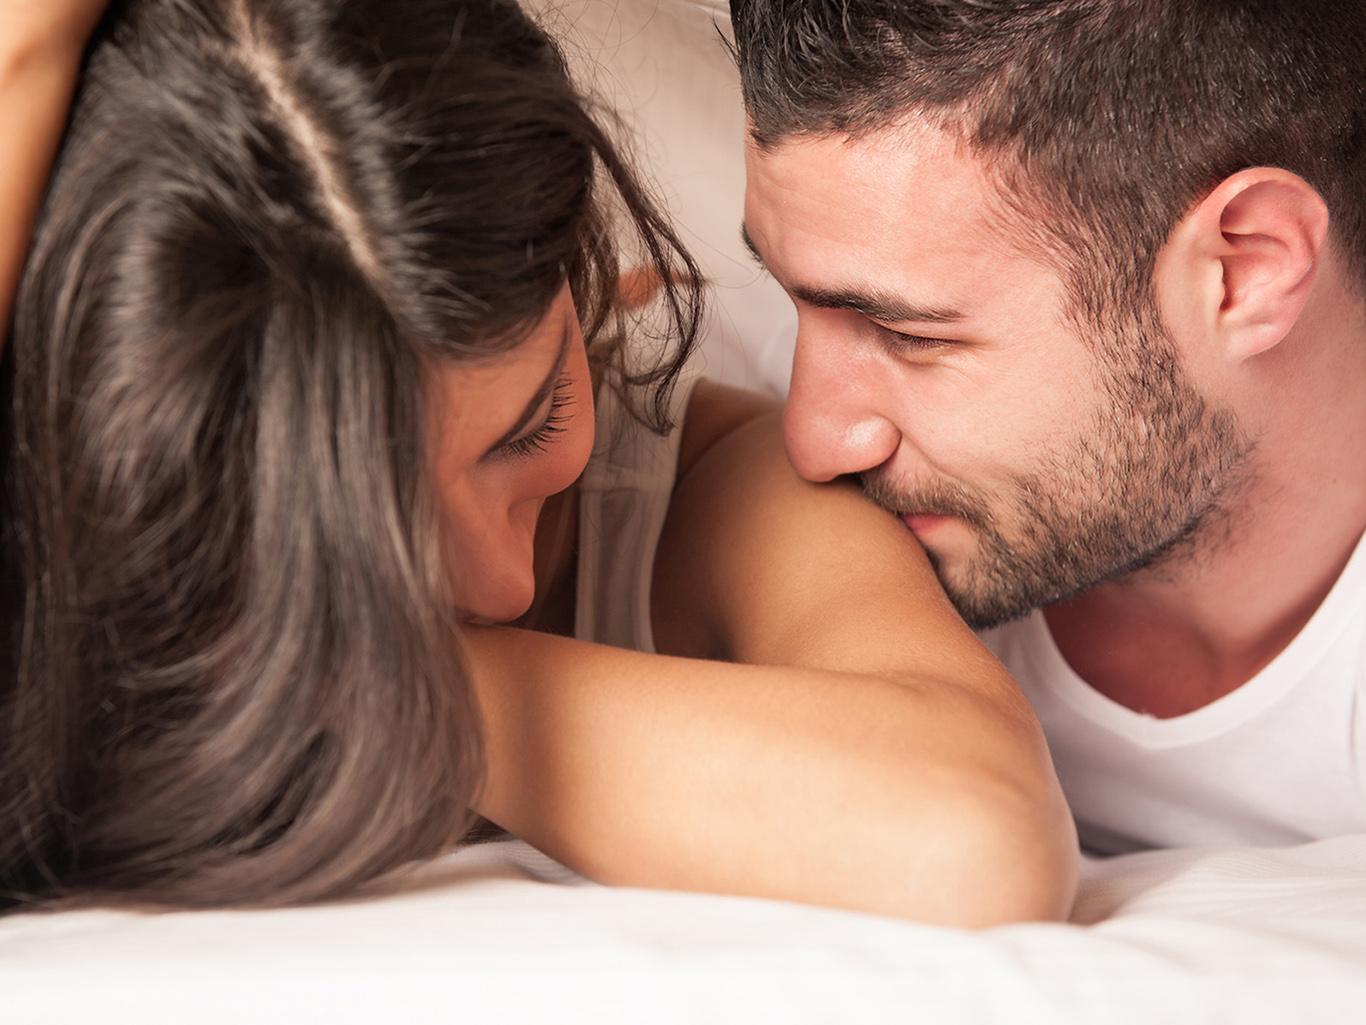 Смотреть девушка любит с мужем, Порно жены. Секс с женами. Любовники ебут чужих жен 6 фотография